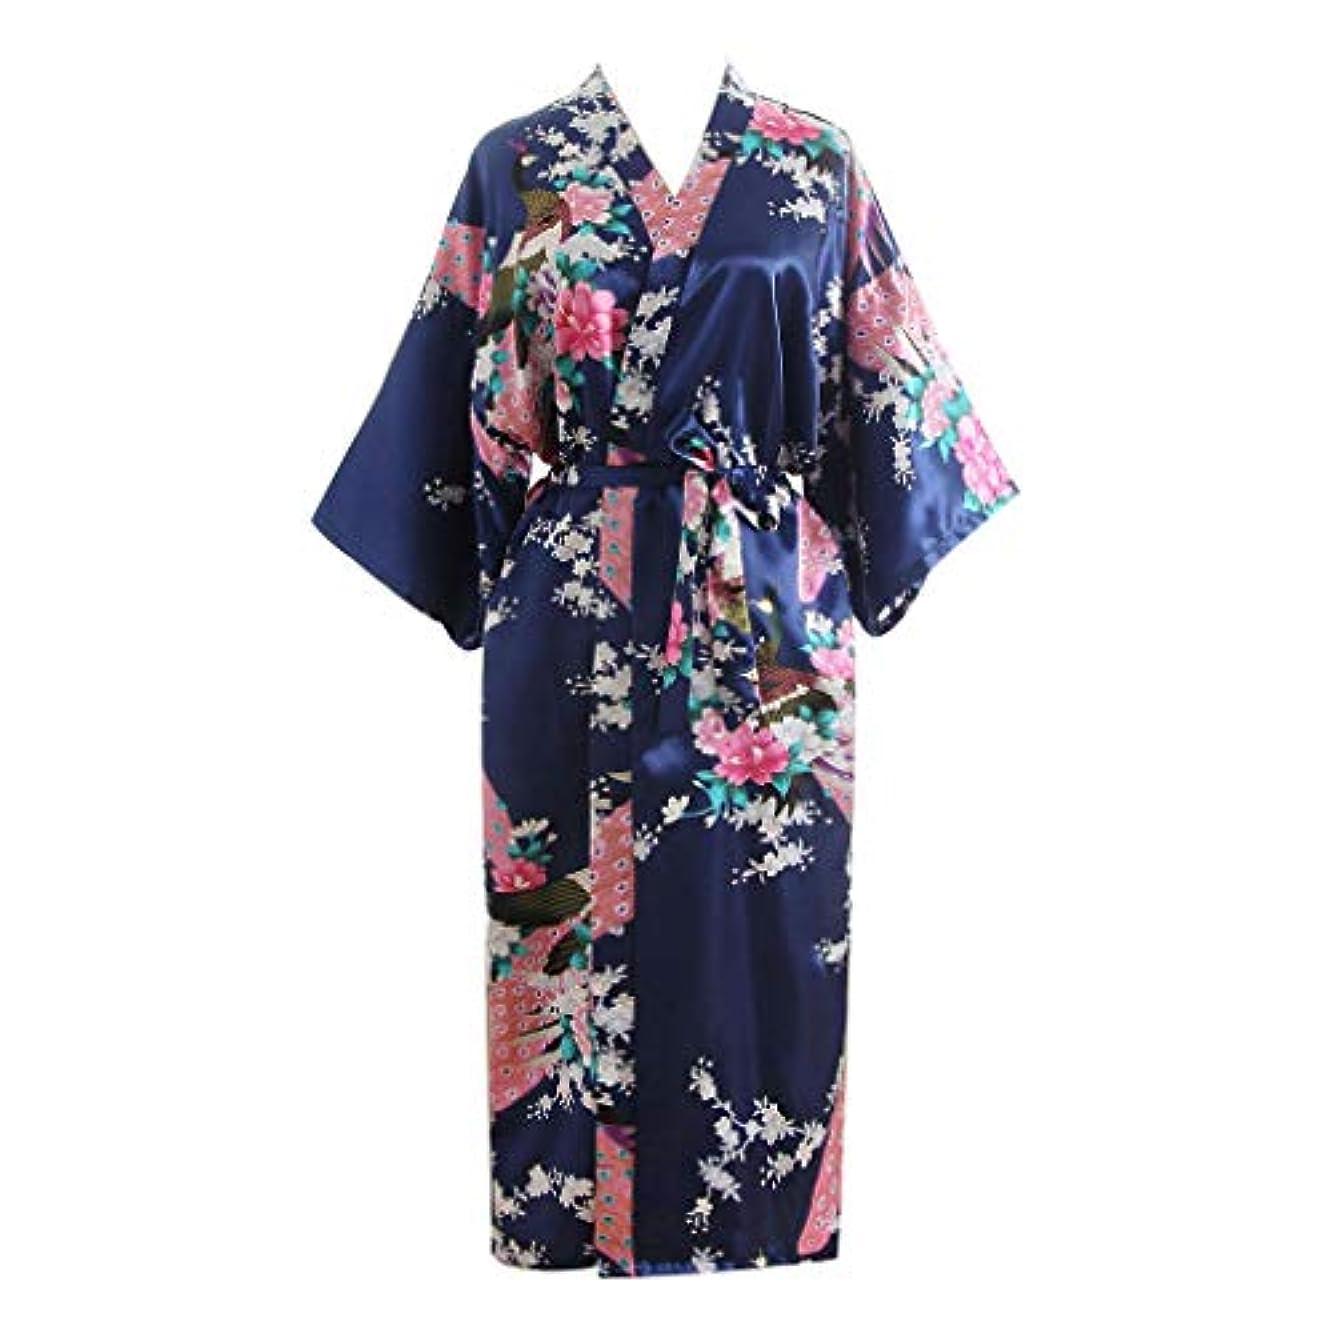 メンテナンス連鎖影響するパジャマ liqiuxiang 女性 スリップ エレガント 和風 レディース リボン 日常 花柄 上品 バスローブウーマン 快適 柔らかい ルームウエア ギフト 記念日